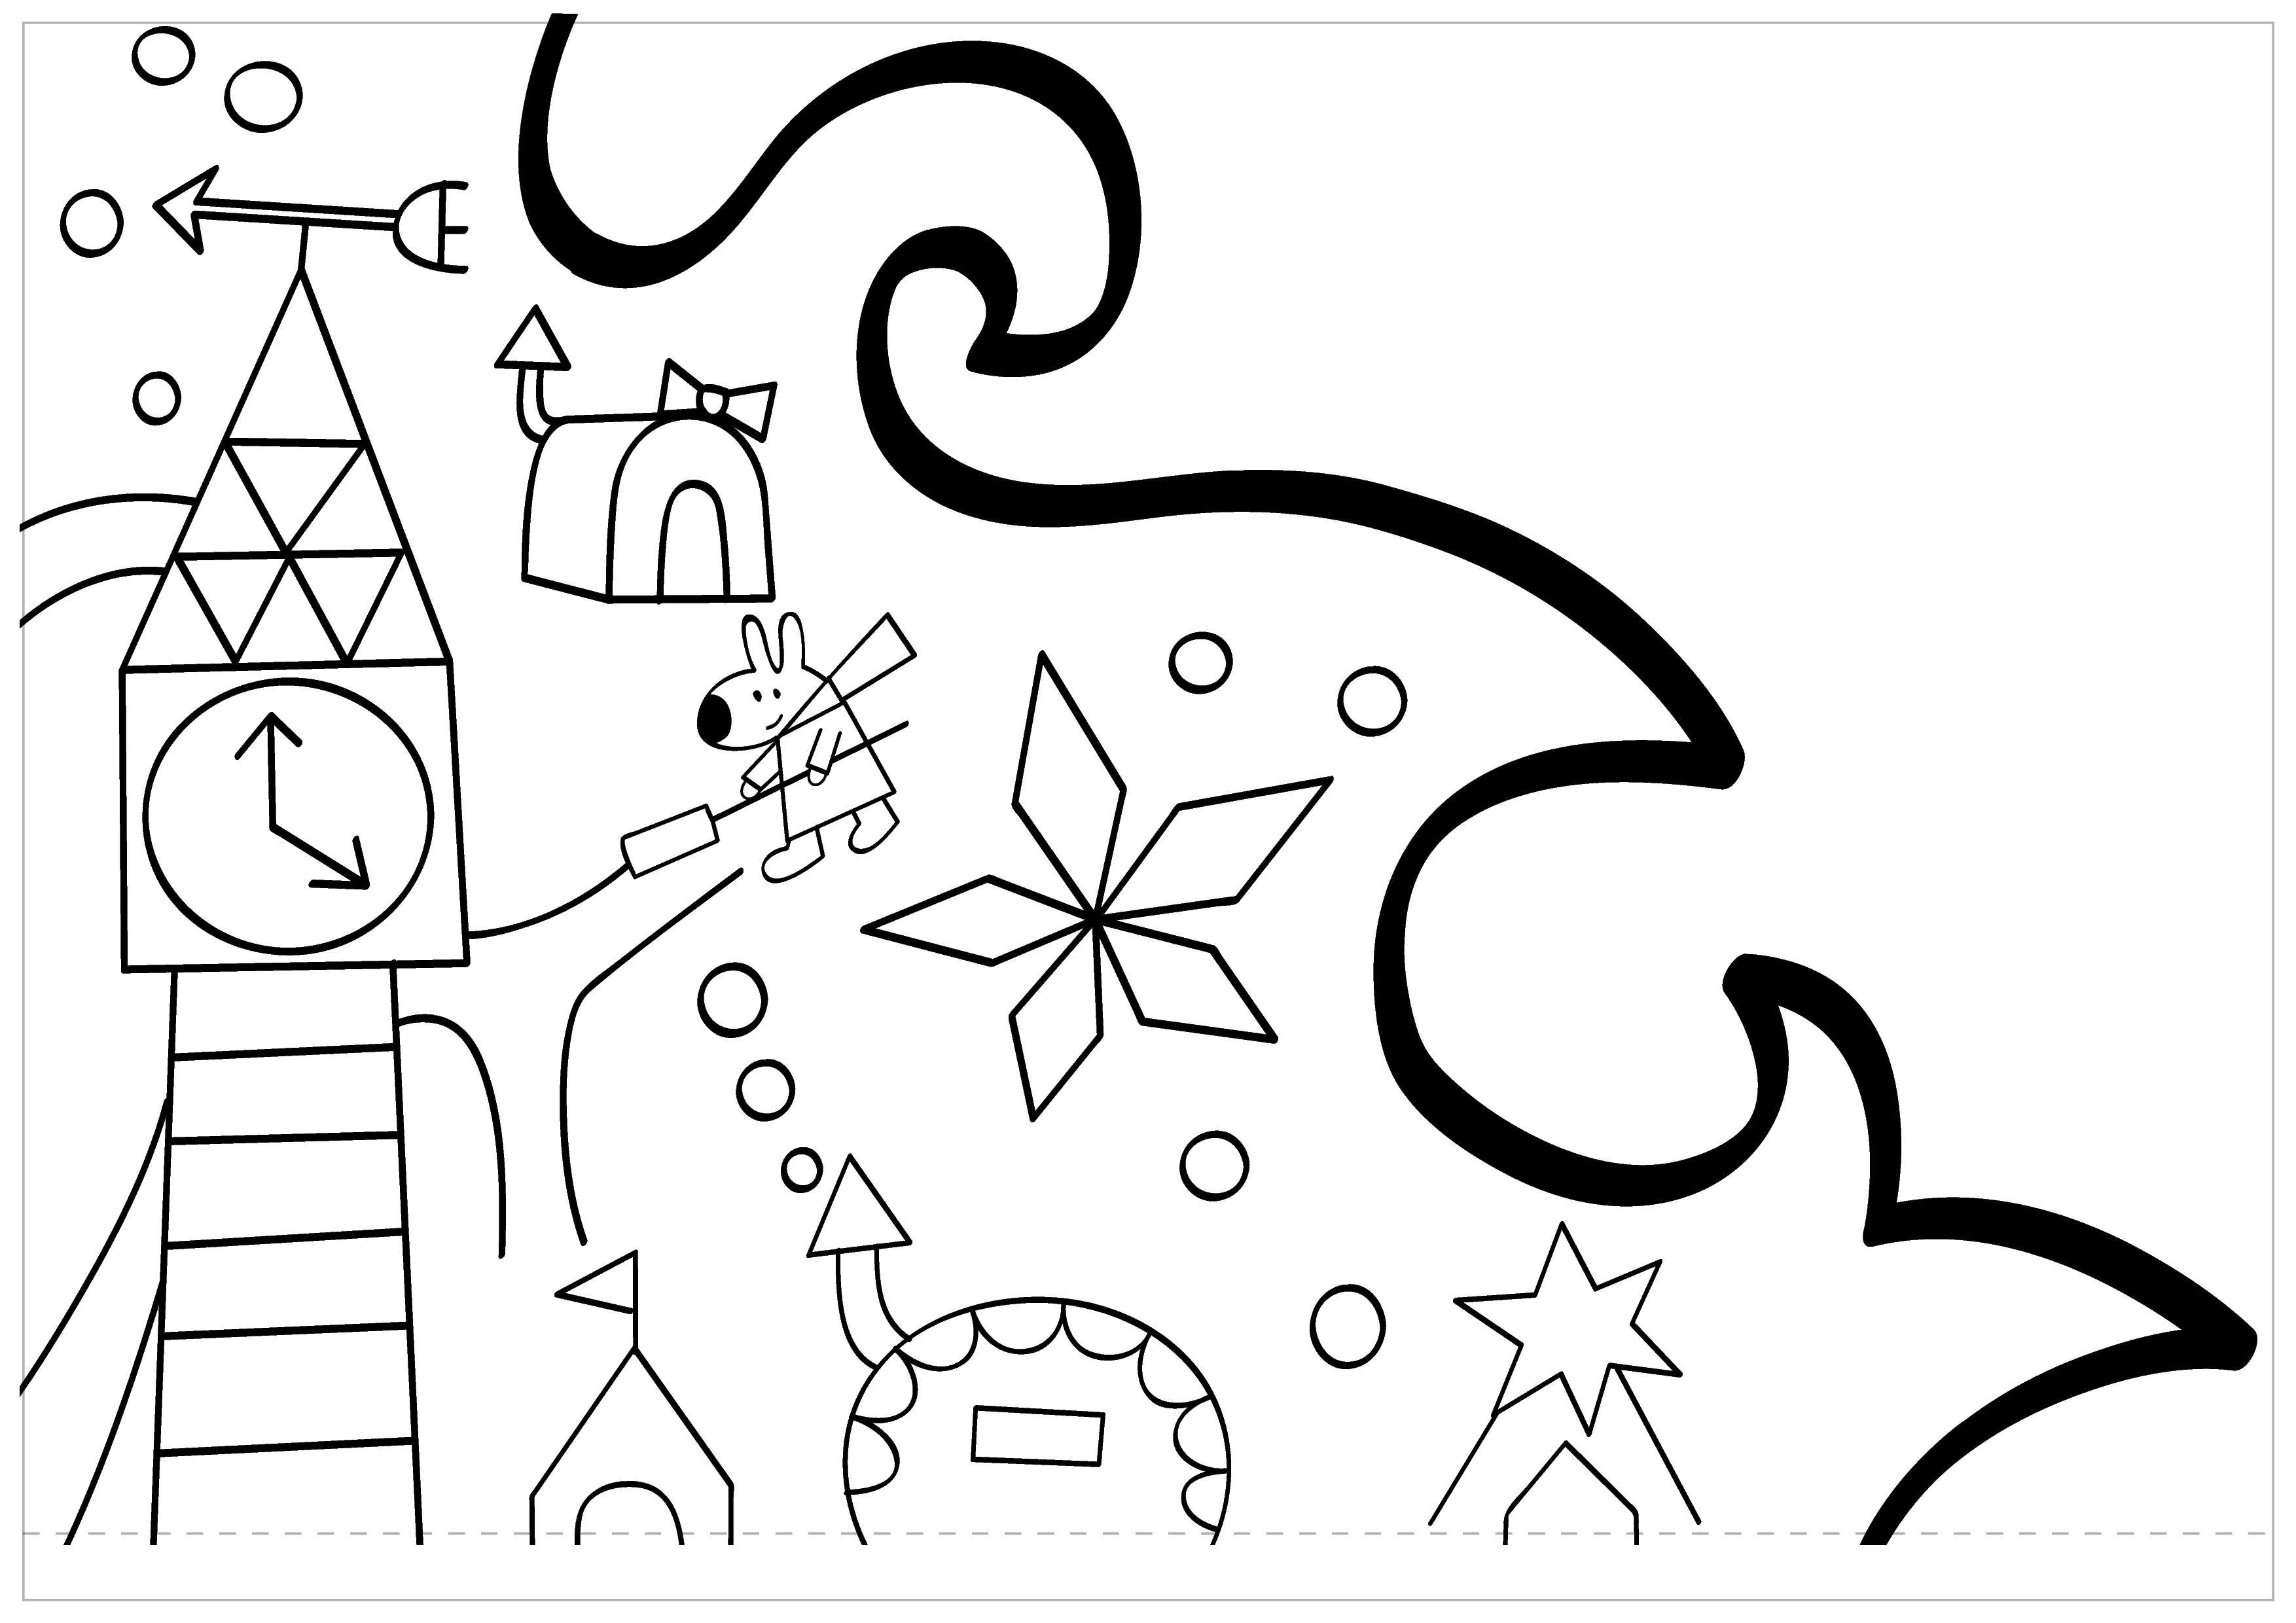 Оригинальные новогодние раскраски: пушистая елка